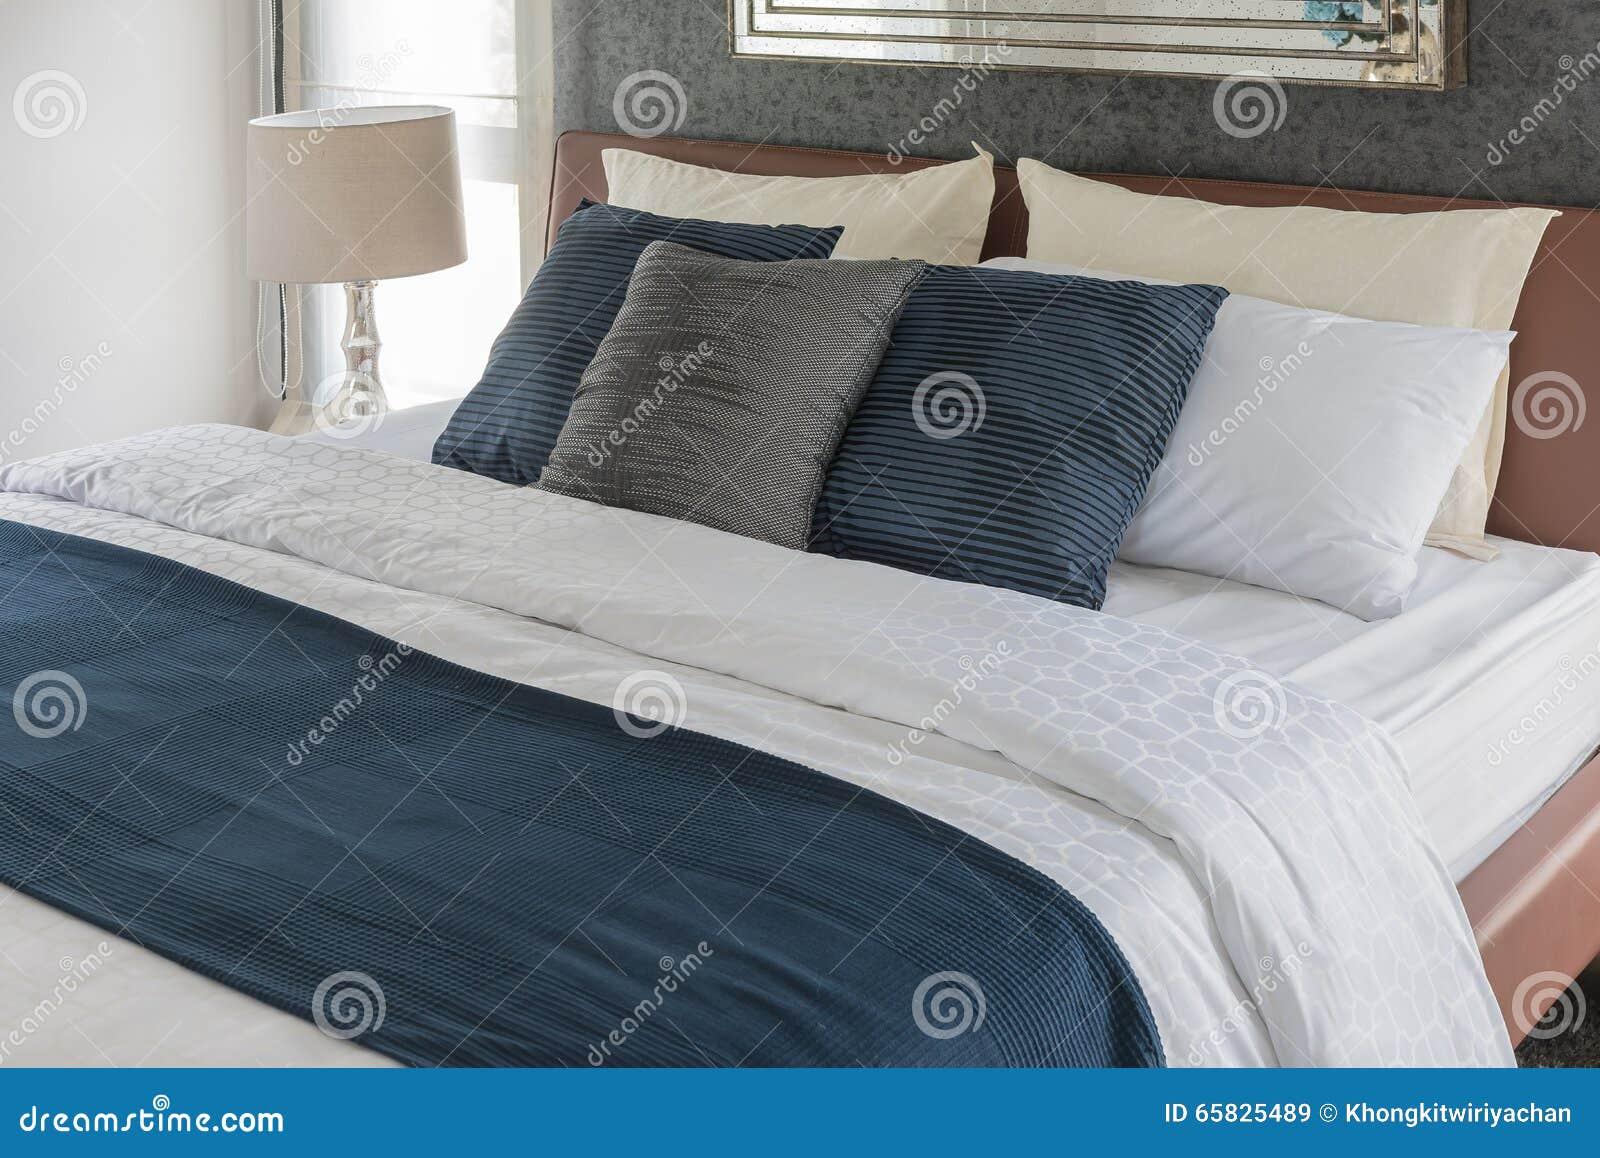 Camere da letto colore blu : camera da letto di colore blu. camera ...